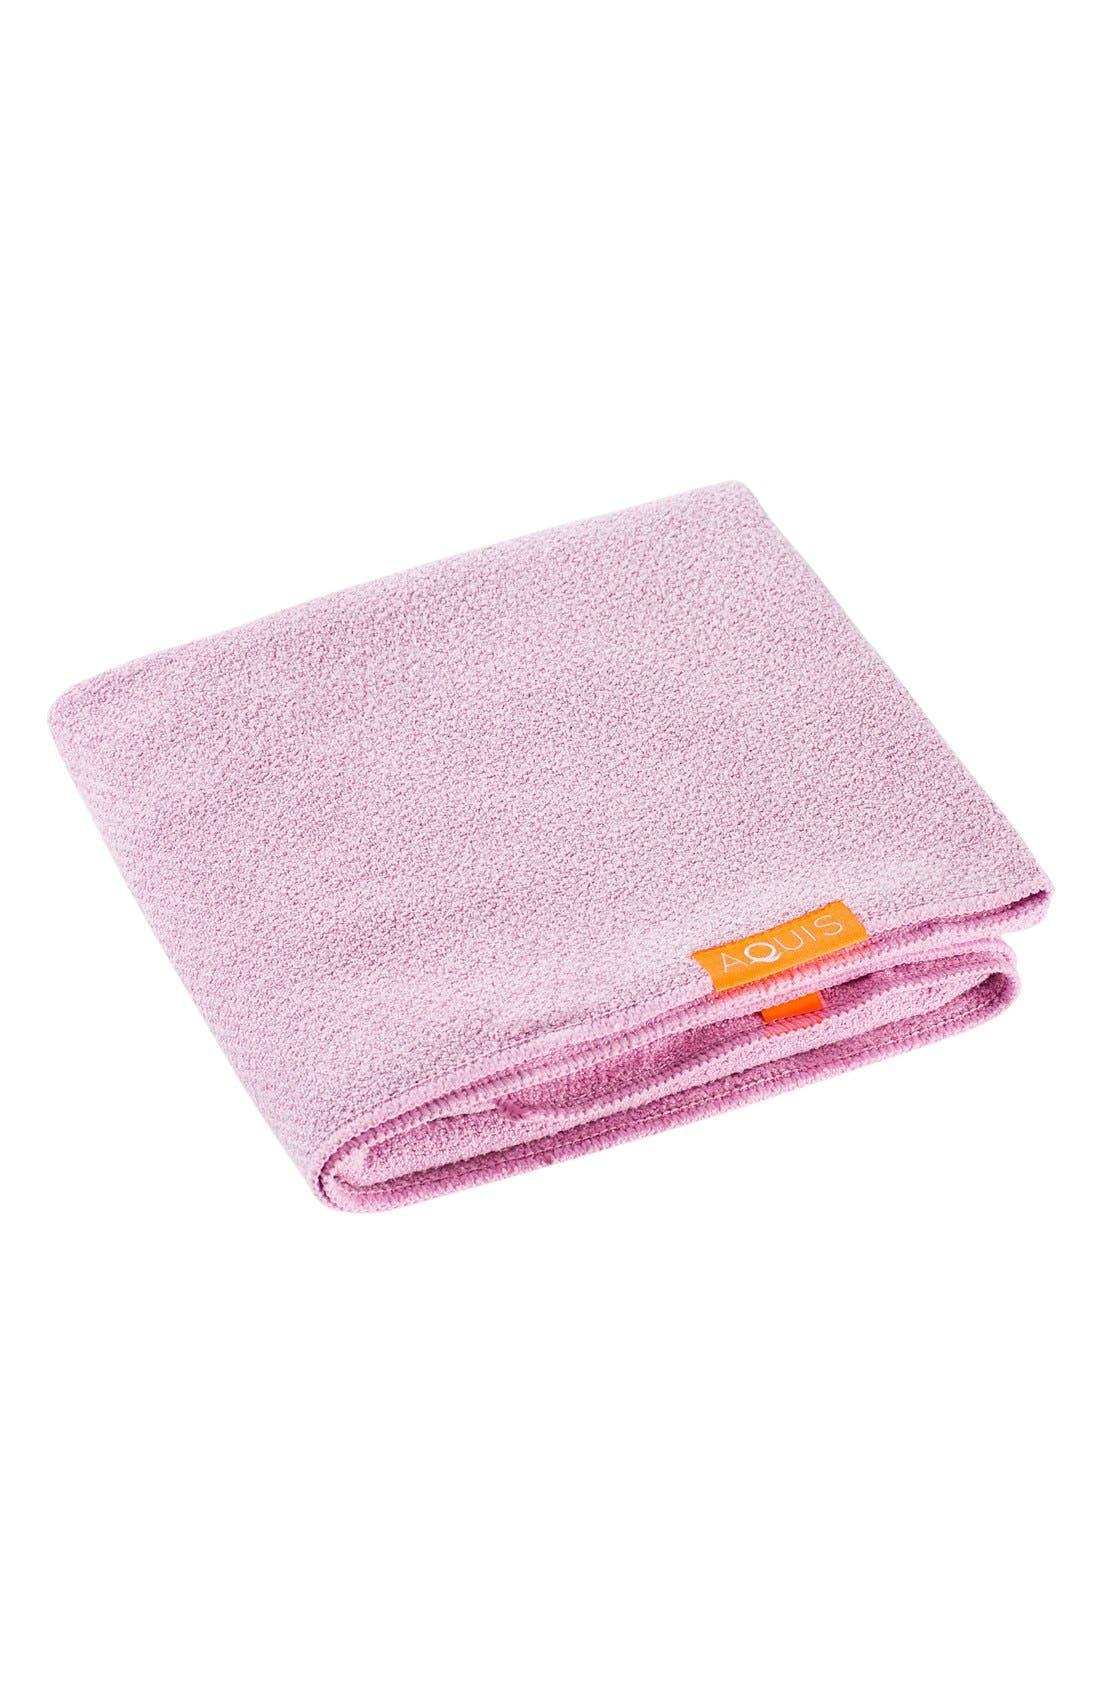 AQUIS, Lisse Luxe Desert Rose Hair Towel, Alternate thumbnail 2, color, DESERT ROSE